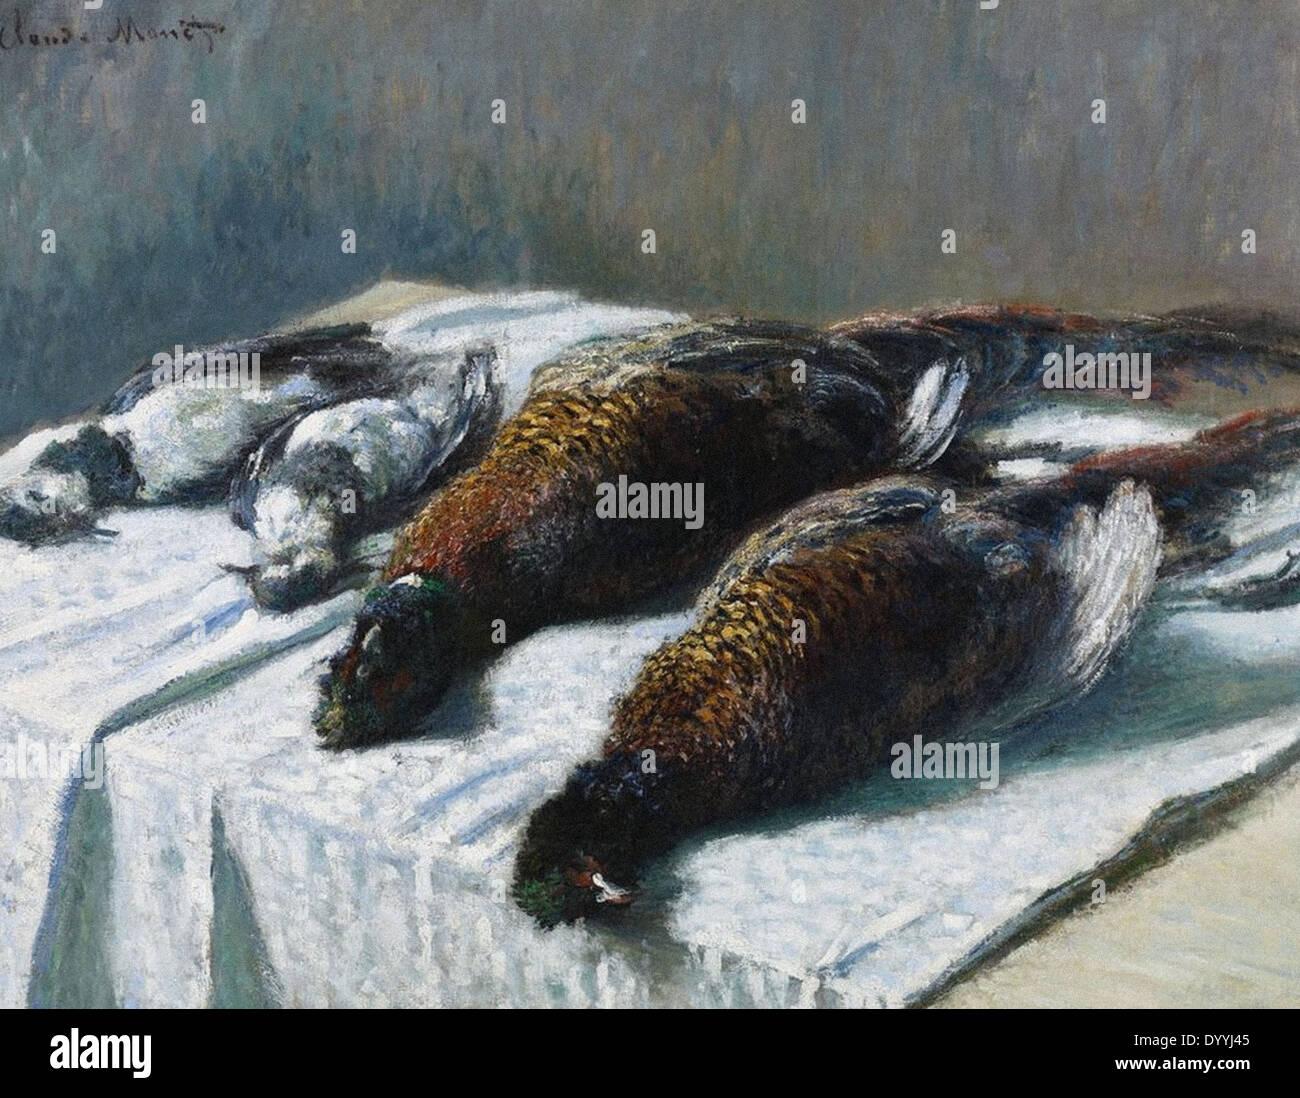 Claude Monet Bodegón con faisanes y chorlitos Imagen De Stock